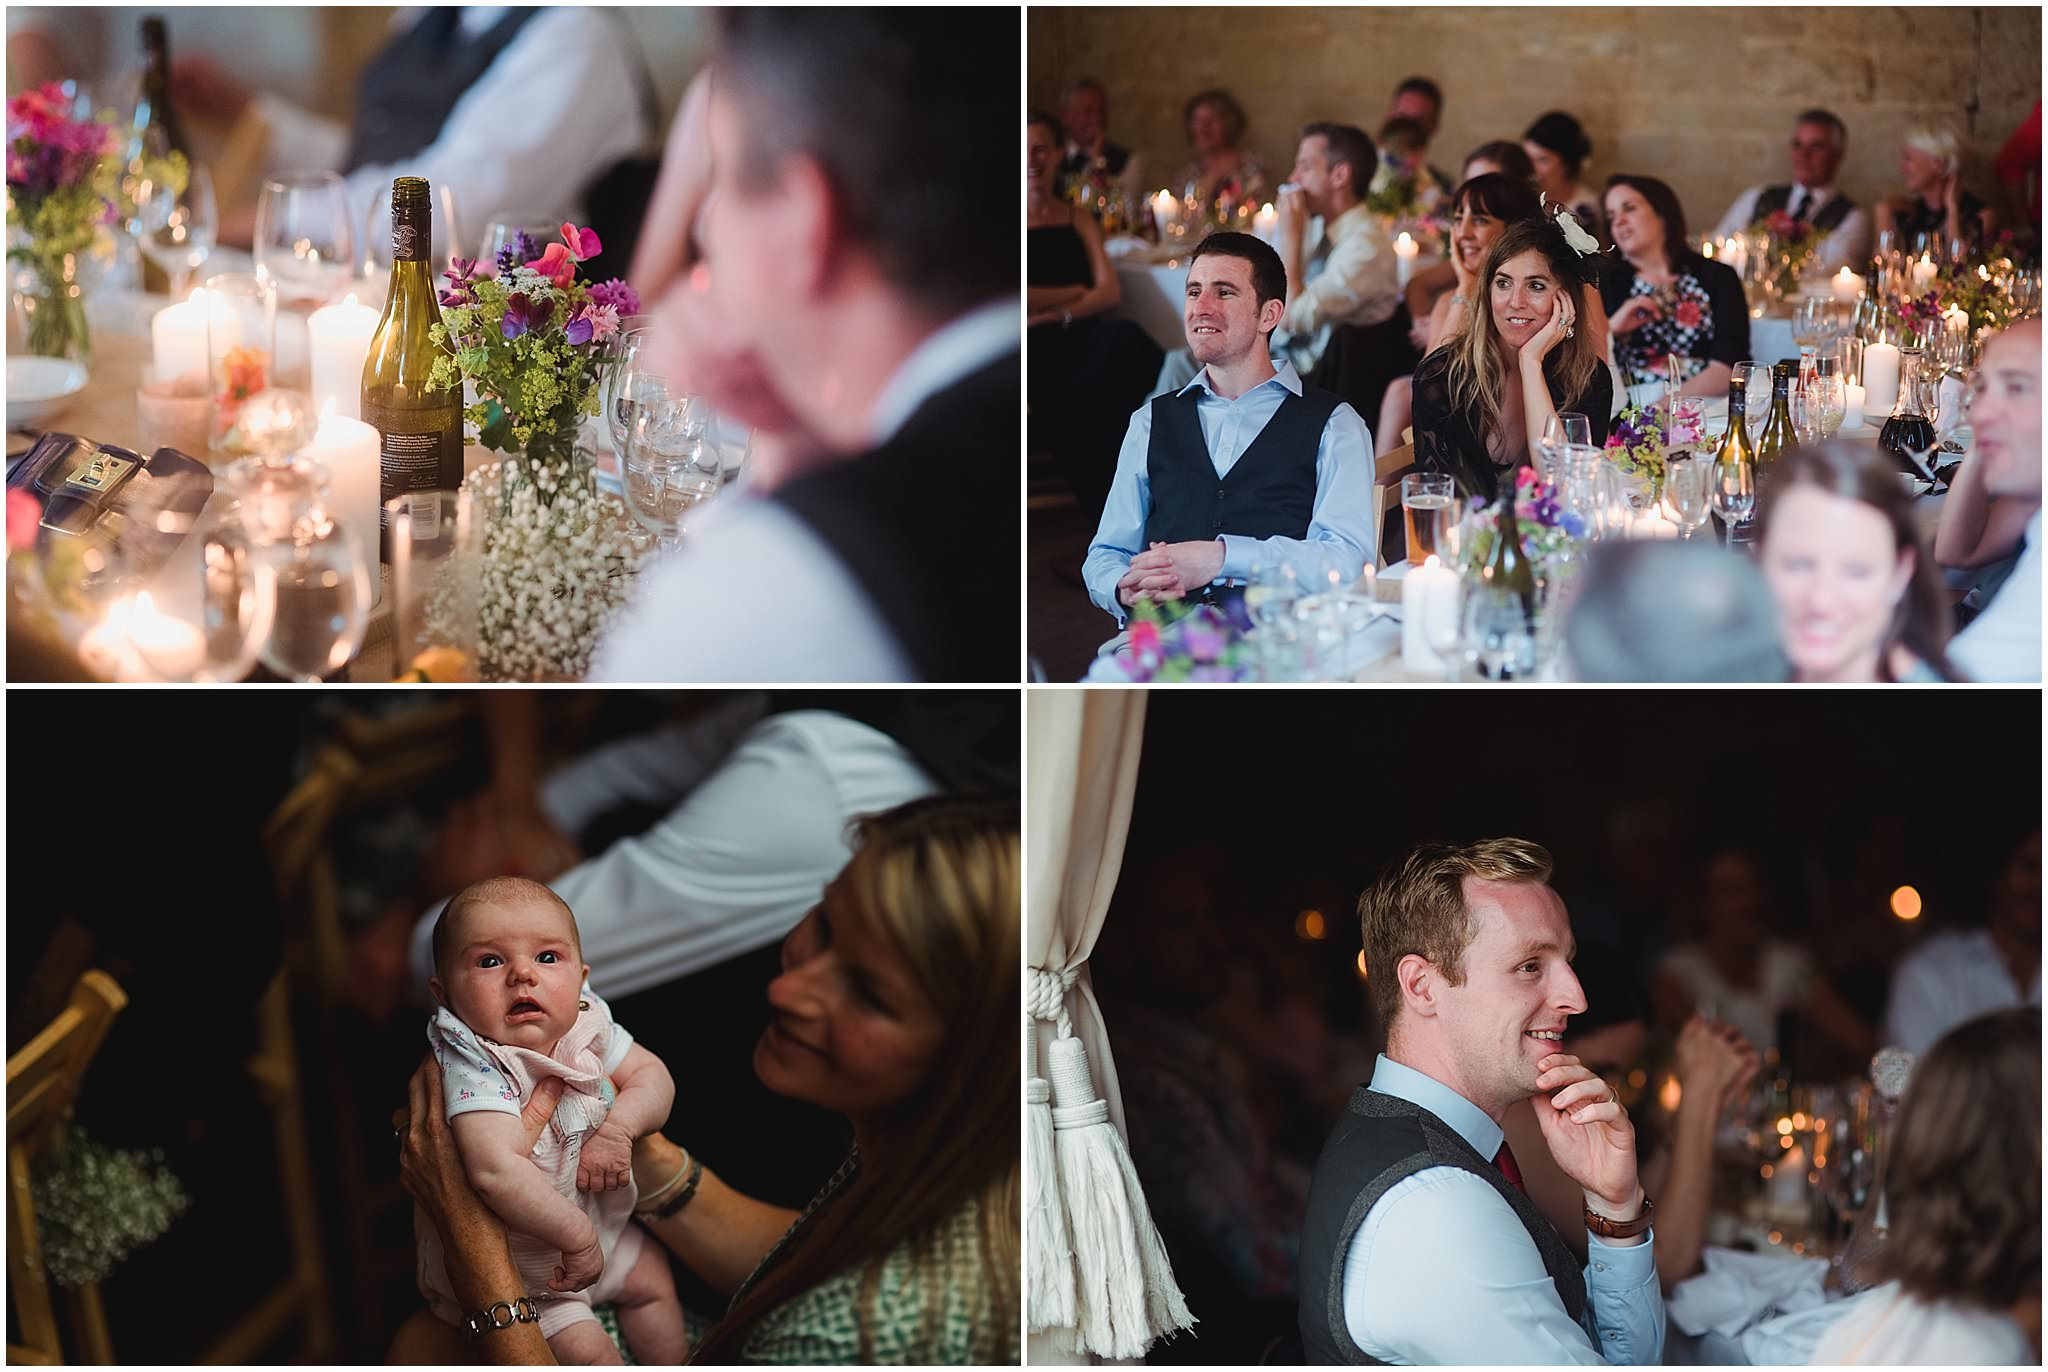 fay & tim wedding at ashley wood farm_0487